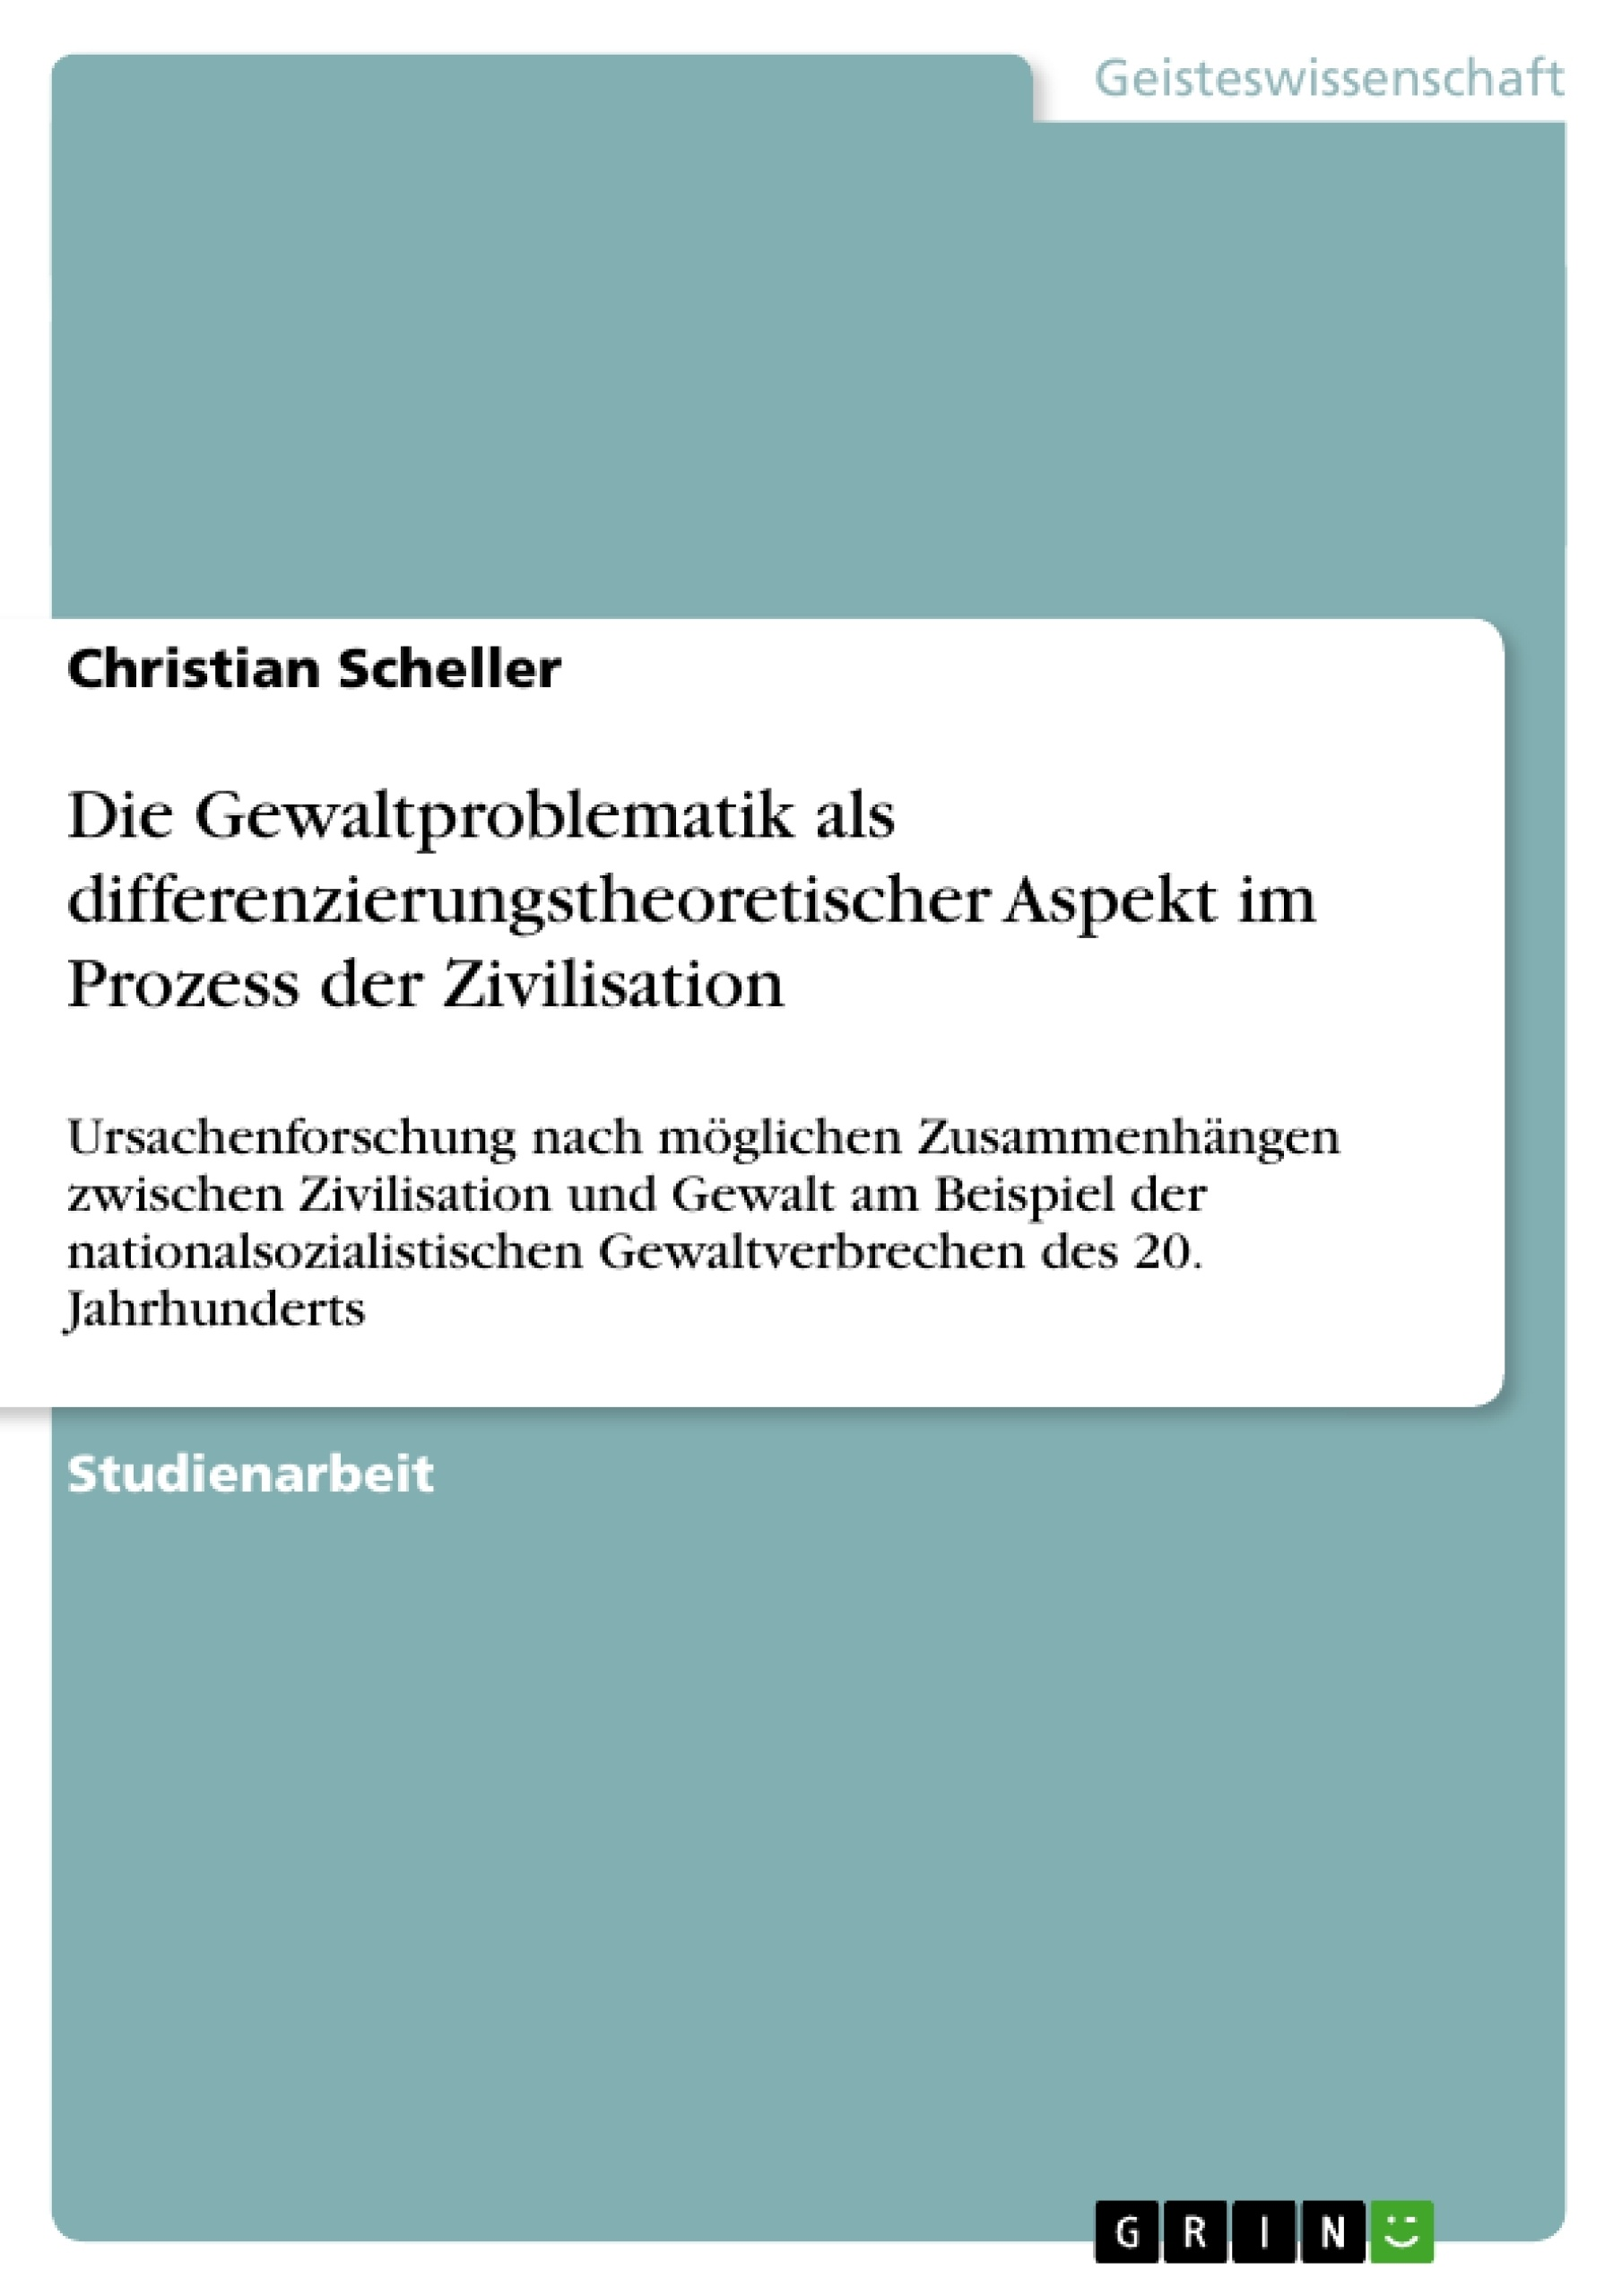 Titel: Die Gewaltproblematik als differenzierungstheoretischer Aspekt im Prozess der Zivilisation